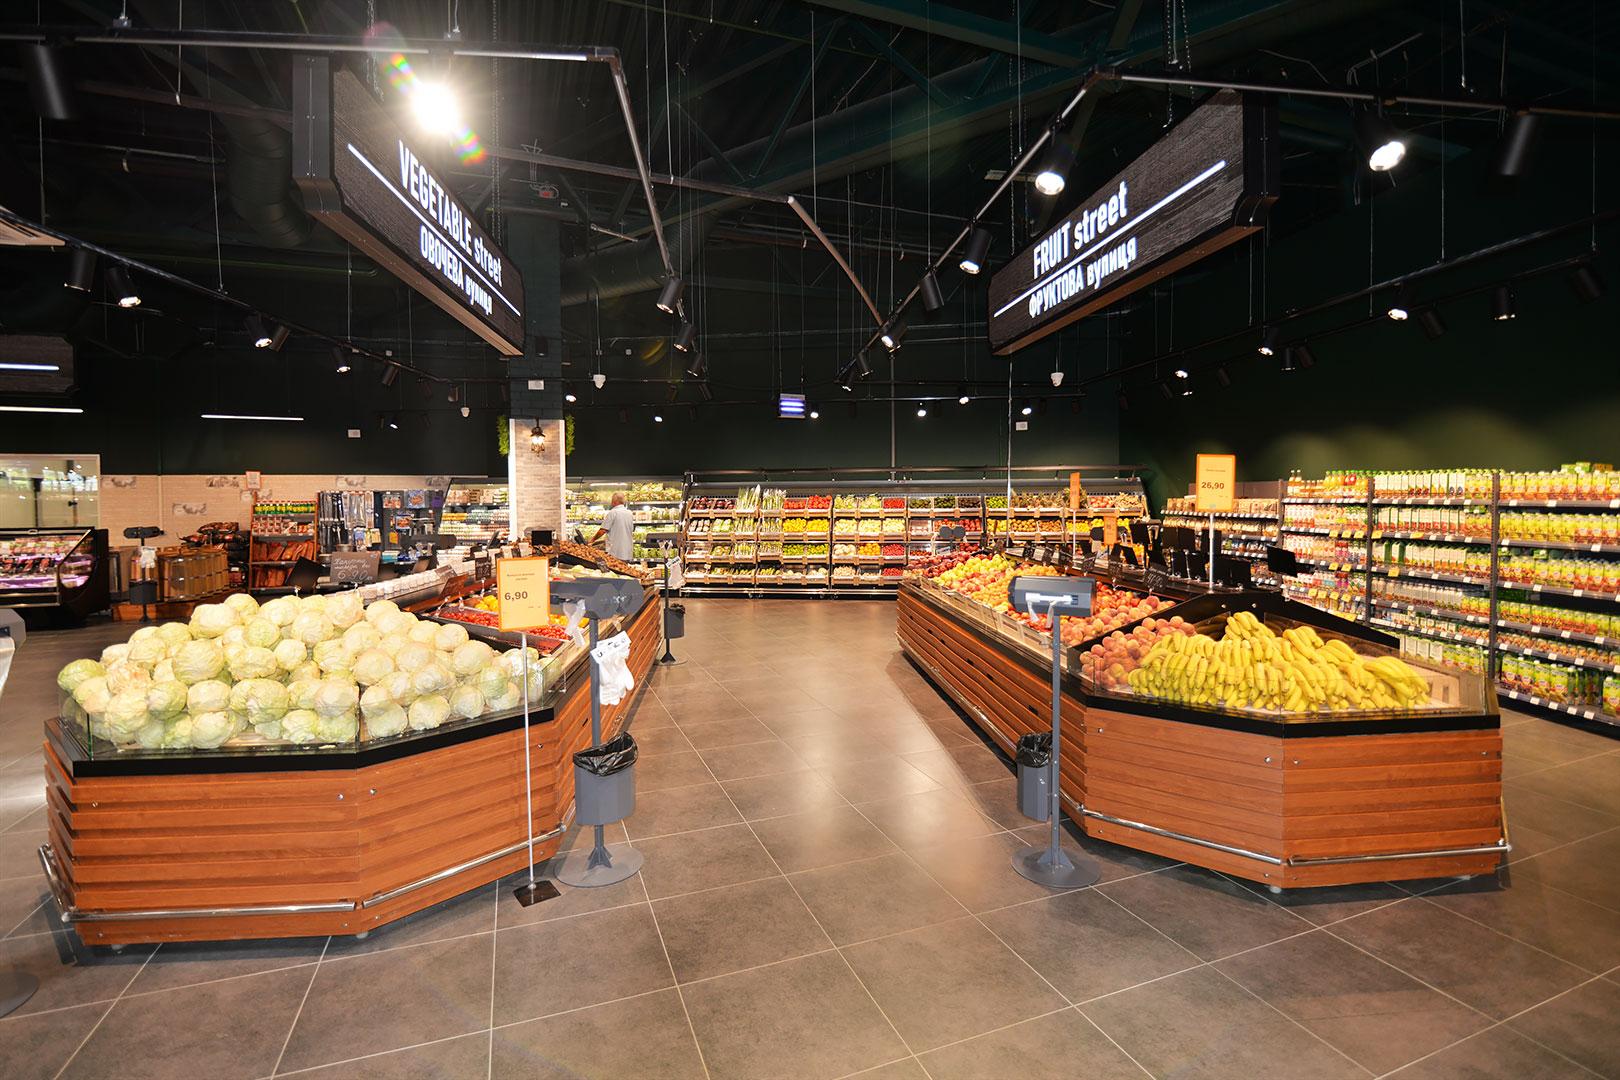 Специализированные витрины для продажи овощей и фруктов Missouri VF MC 110 VF self 110-DBM, Louisiana VF MV 110 VF O 180-DLM